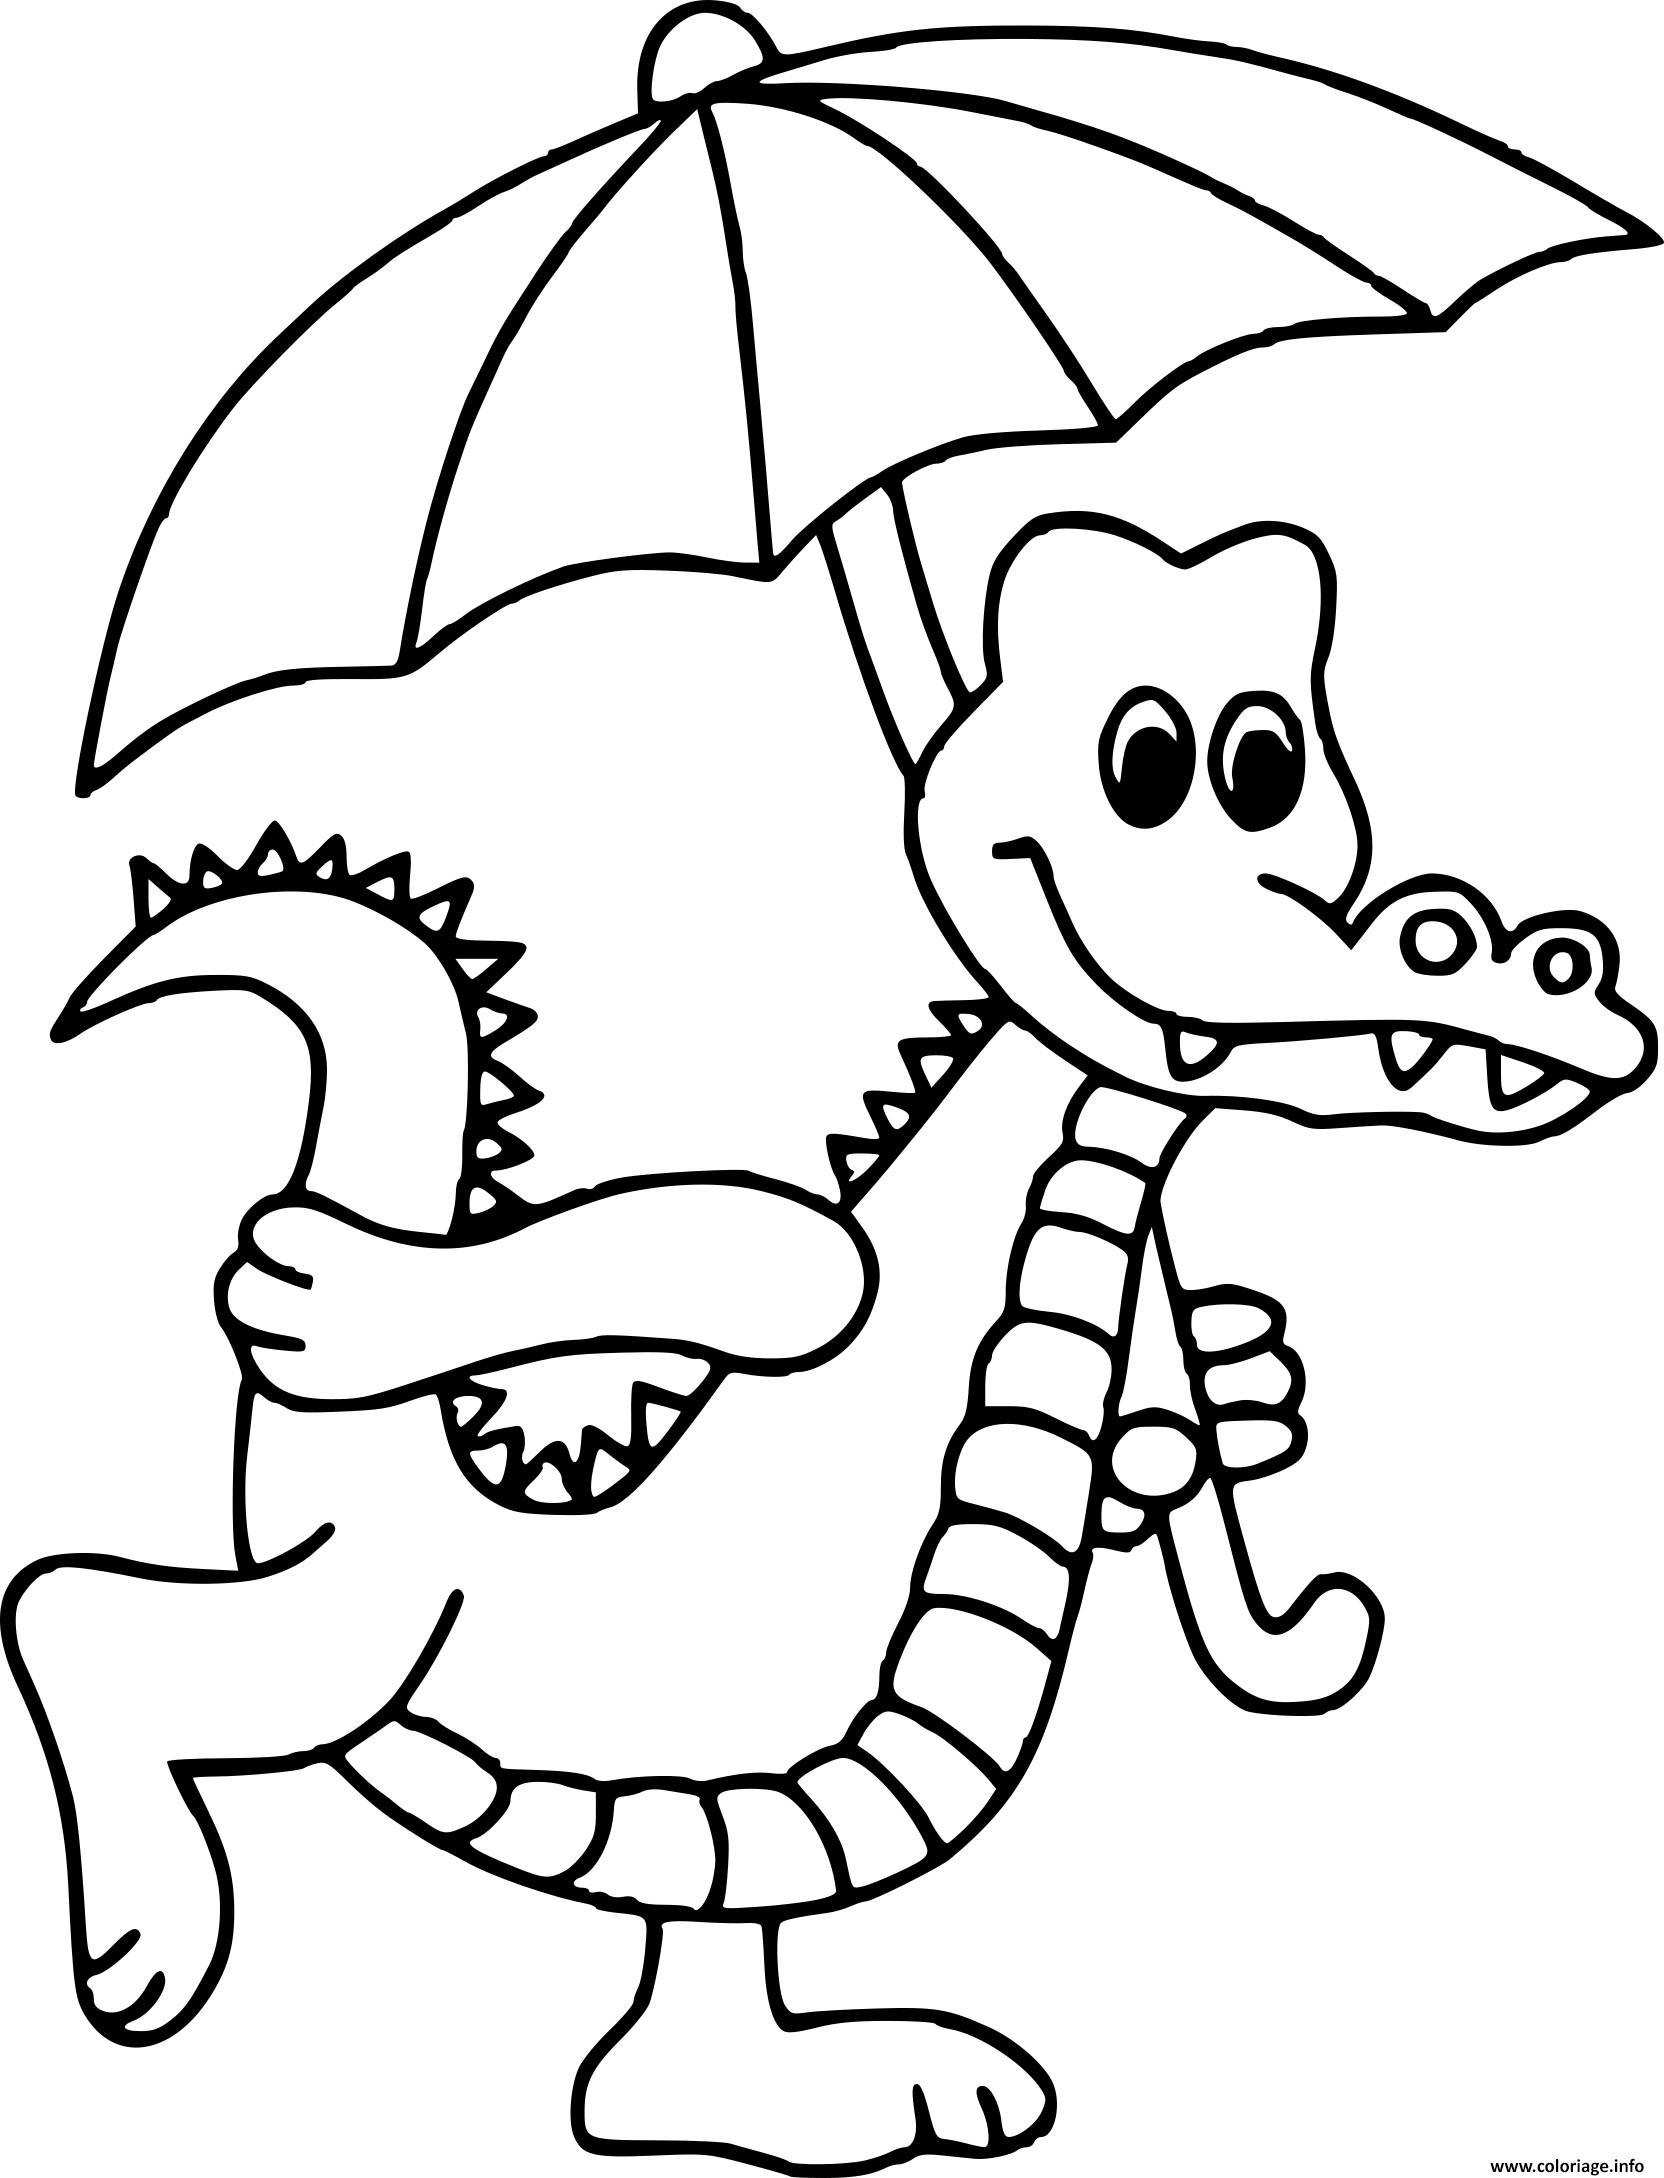 Dessin crocodile avec un parapluie Coloriage Gratuit à Imprimer